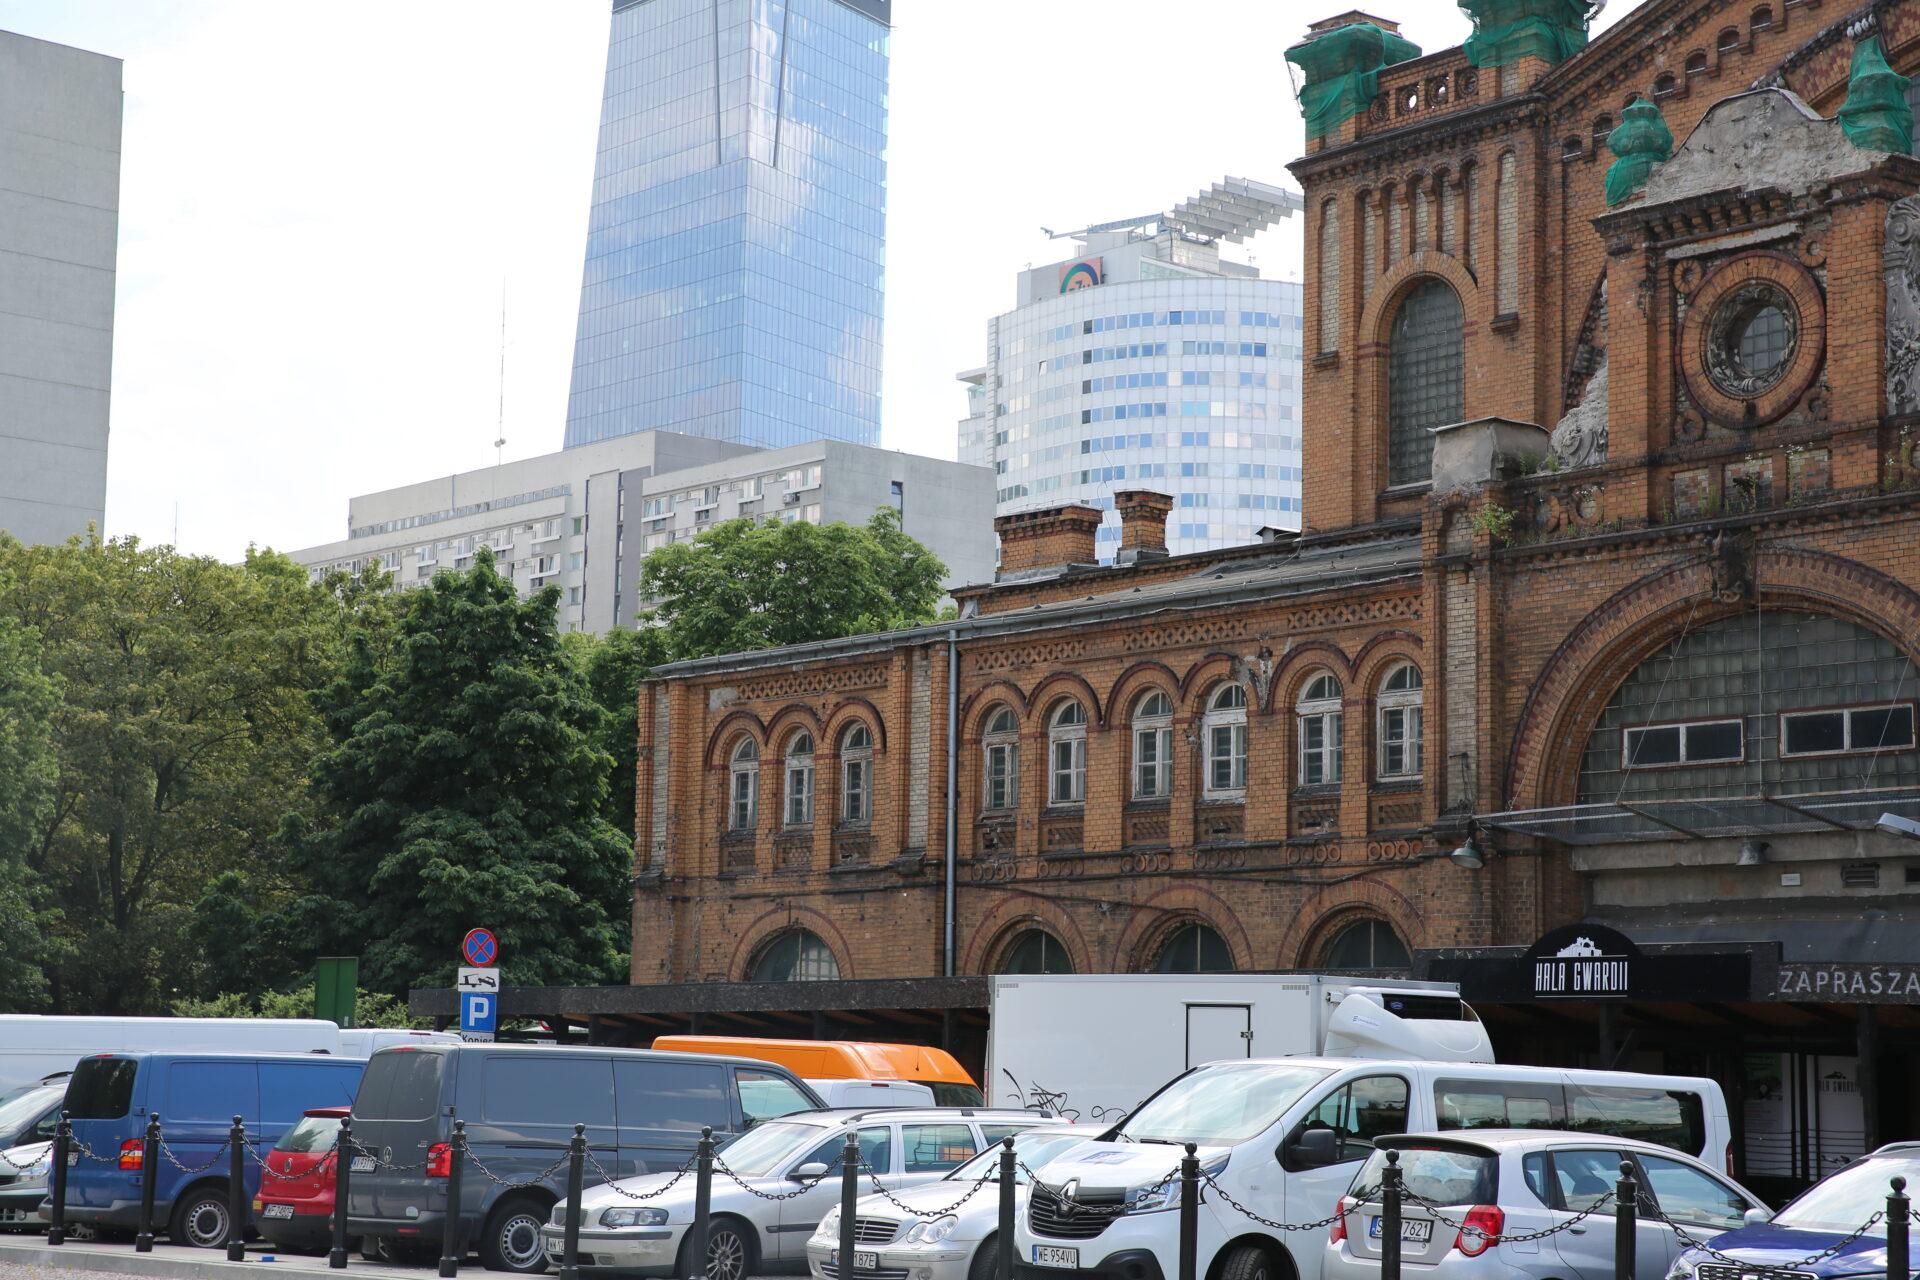 Zdjęcie współczesne. Napierwszym planie zaparkowane samochody. Wtle ceglany budynek Hali Gwardii, zanim nowoczesne, szklane budynki.